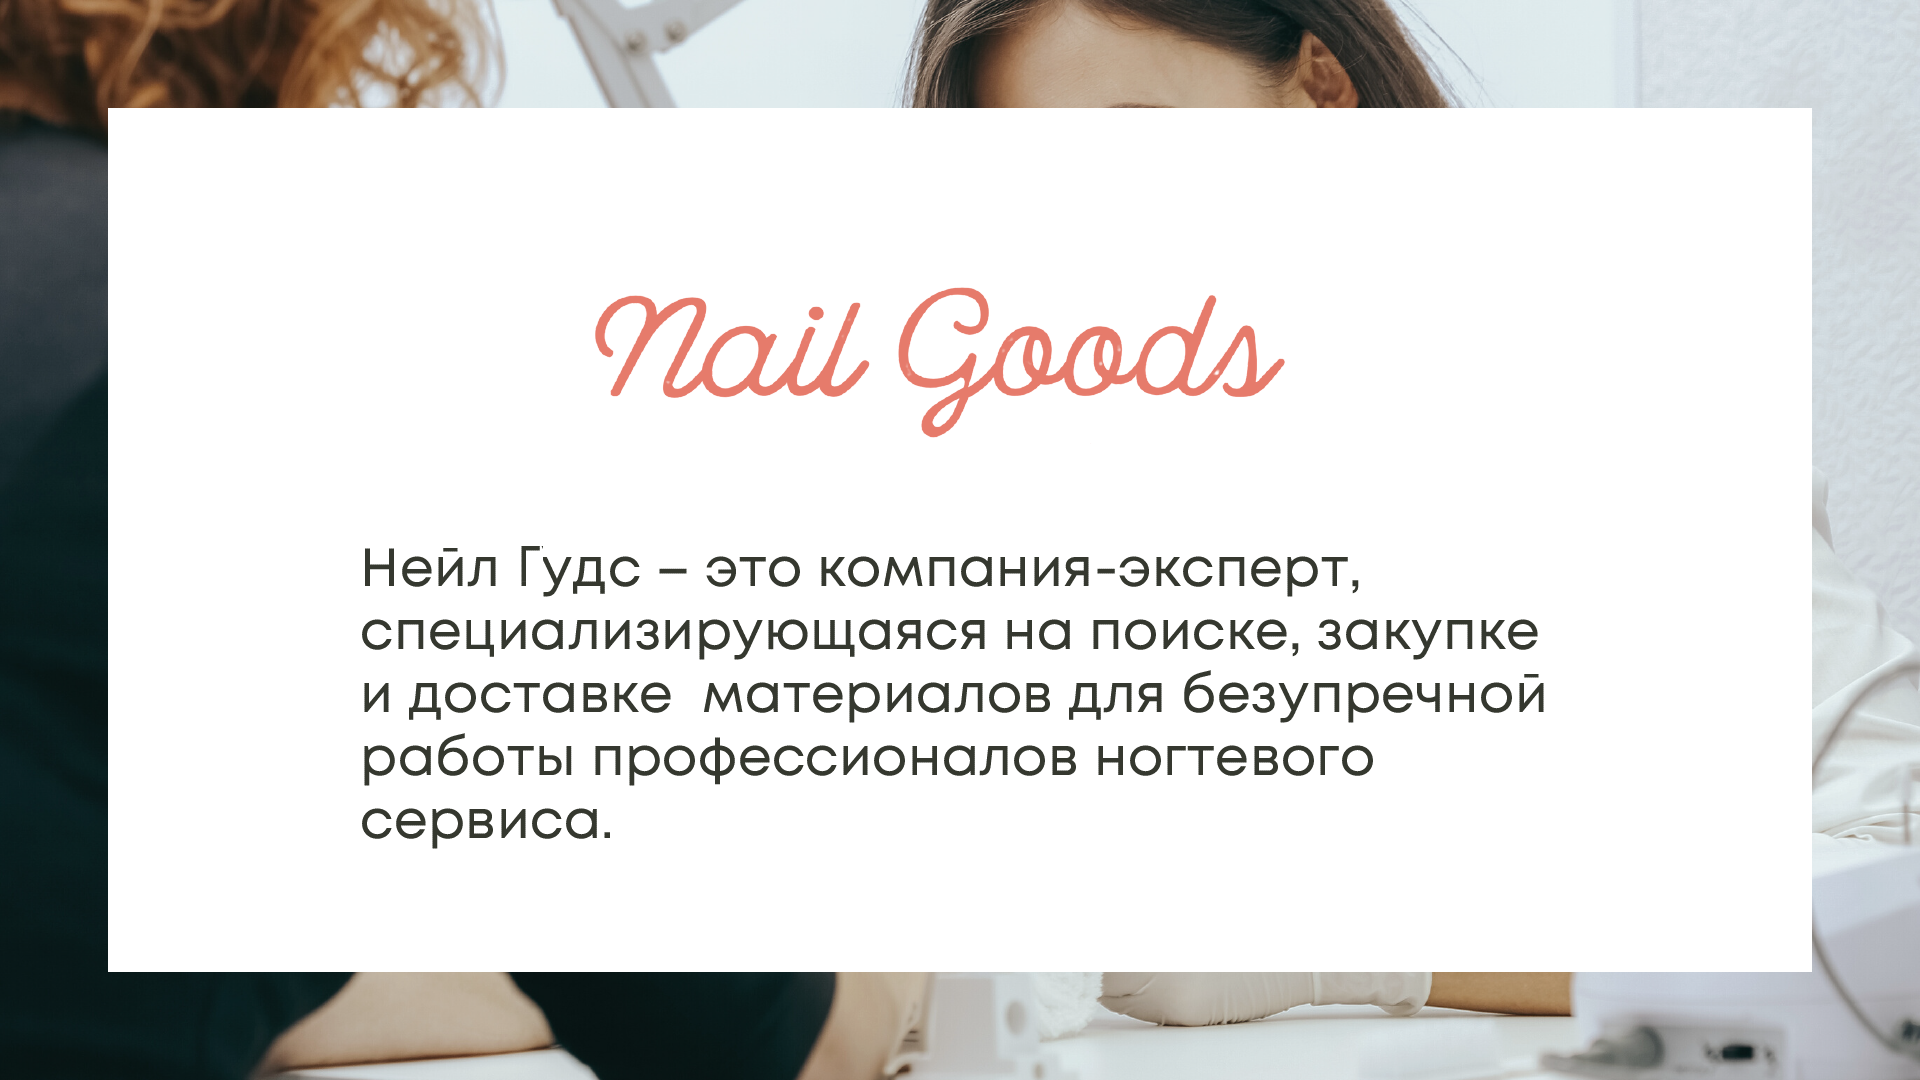 Информация о компании Nail Goods